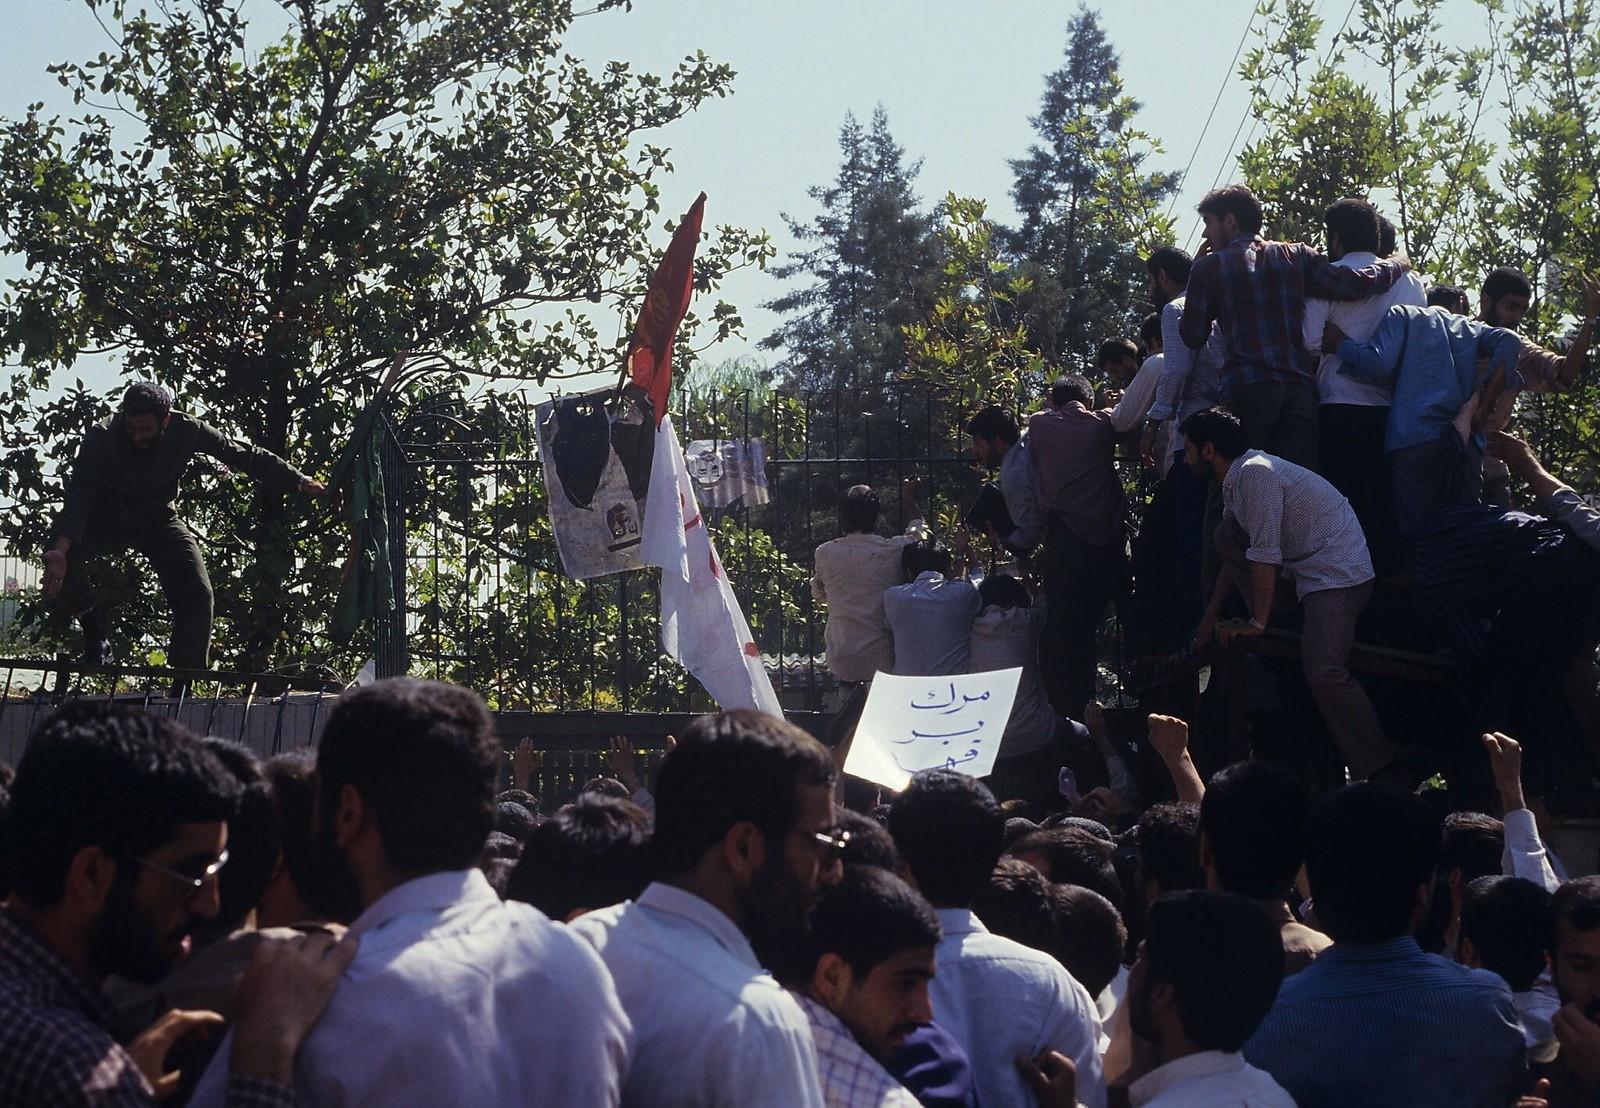 1987. Демонстранты протестуют у посольства Саудовской Аравии. Иран, 1 августа. Накануне сотни паломников (в основном иранцев) погибли во время ежегодной церемонии хаджа в Мекке; некоторые были застрелены саудовской полицией и службой безопасности, другие